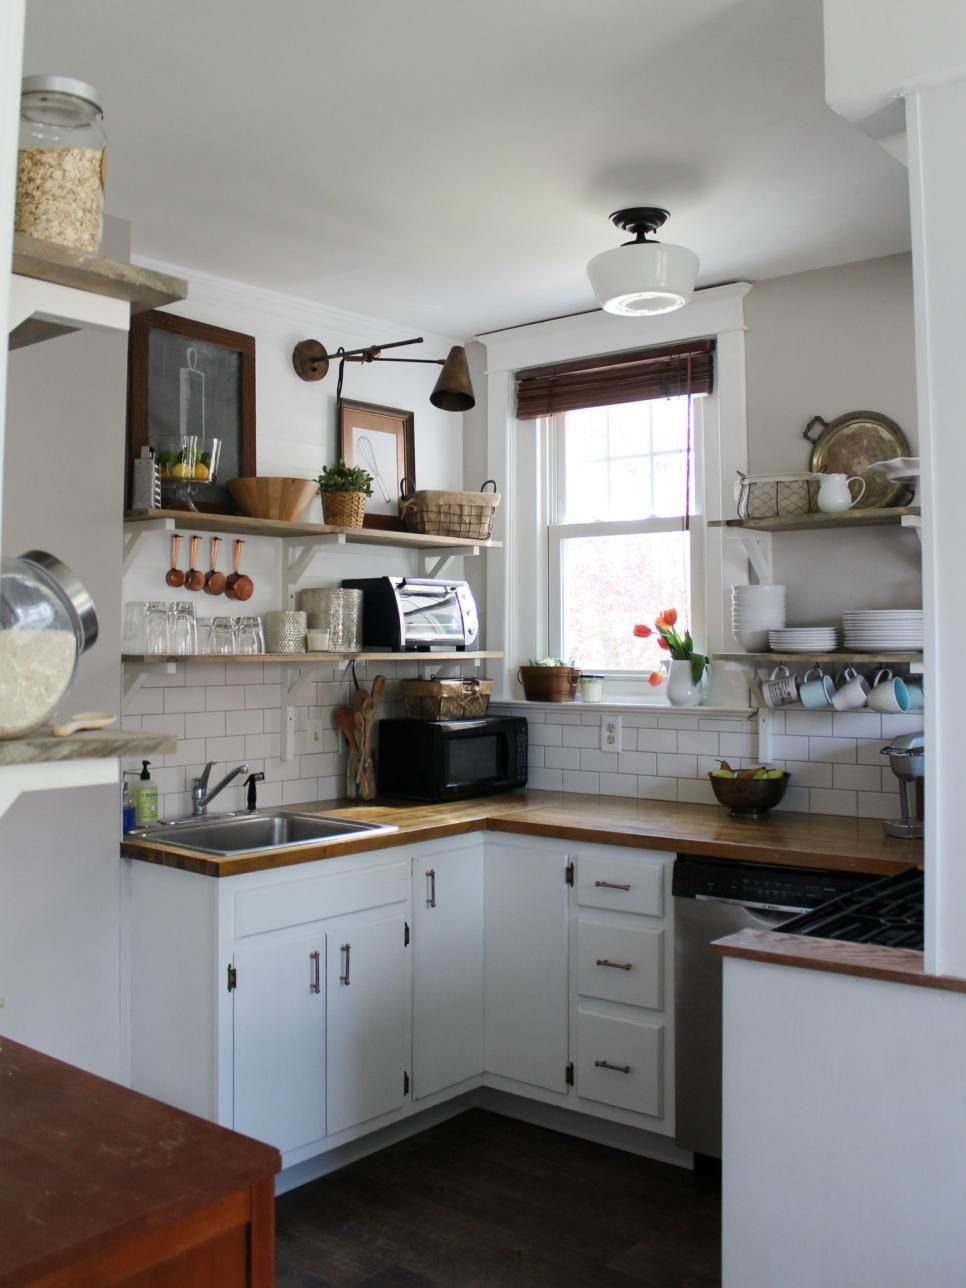 U küchendesign-ideen küche die auf einem budget und den besten ideen umbaut  küche